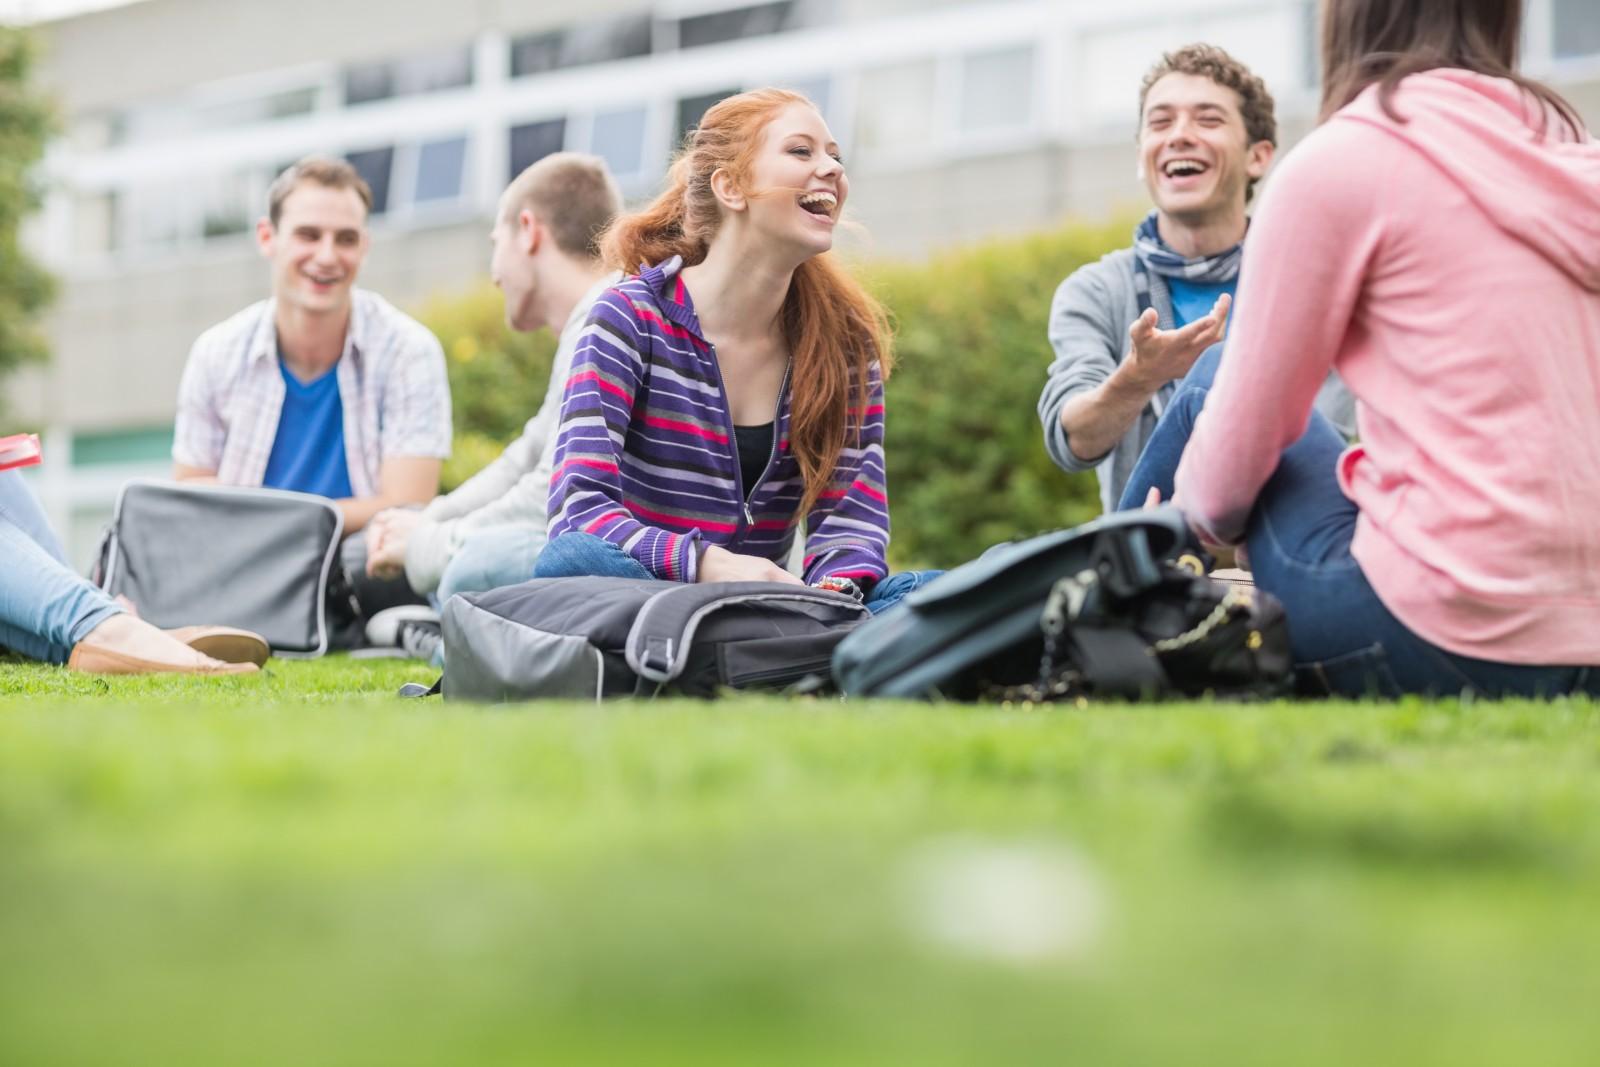 отдых студентов онлайн это самом деле